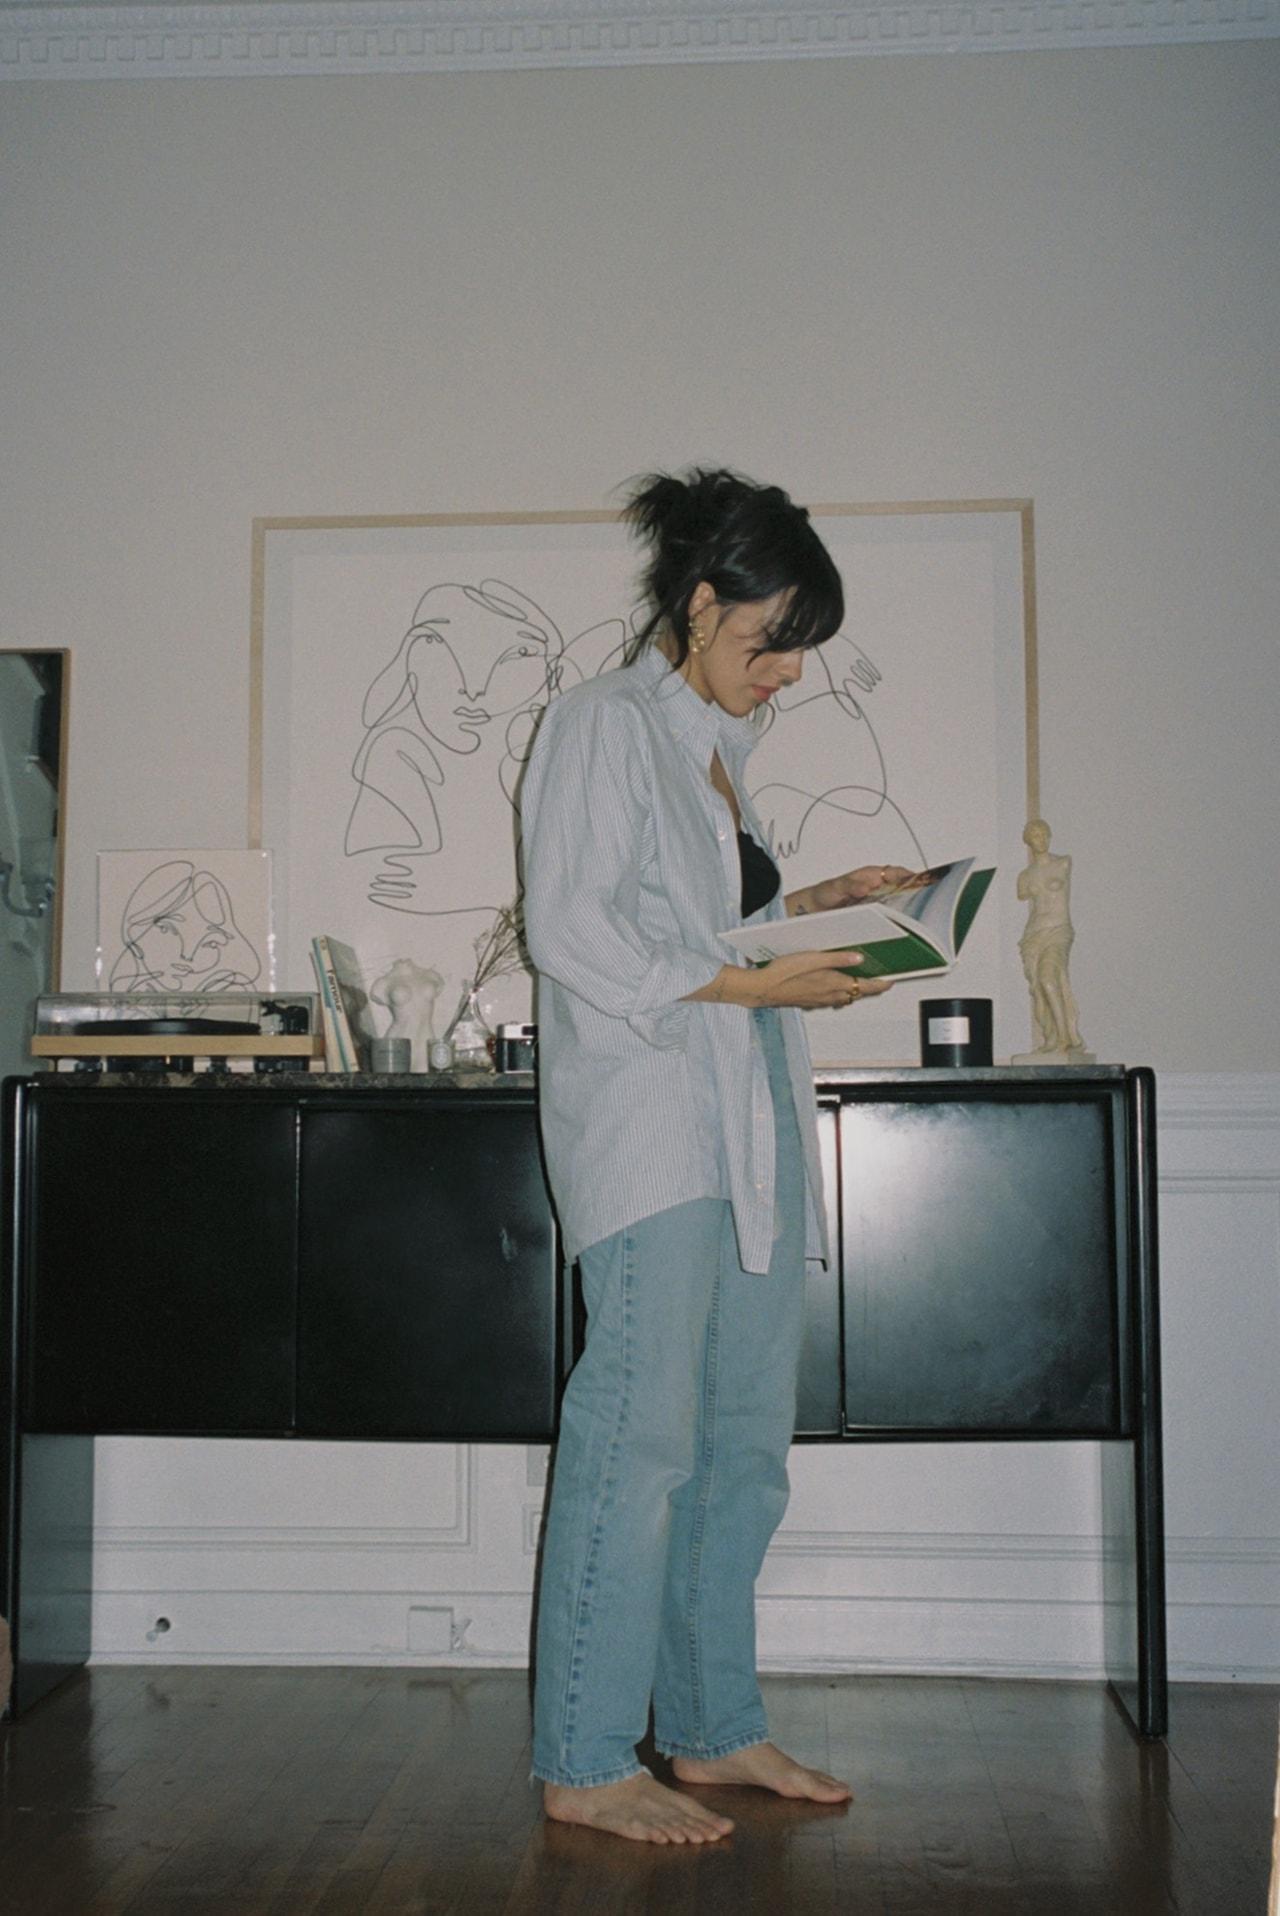 Orion Carloto Film for Her Author Poet Writer Social Media Influencer Home Book Shelf